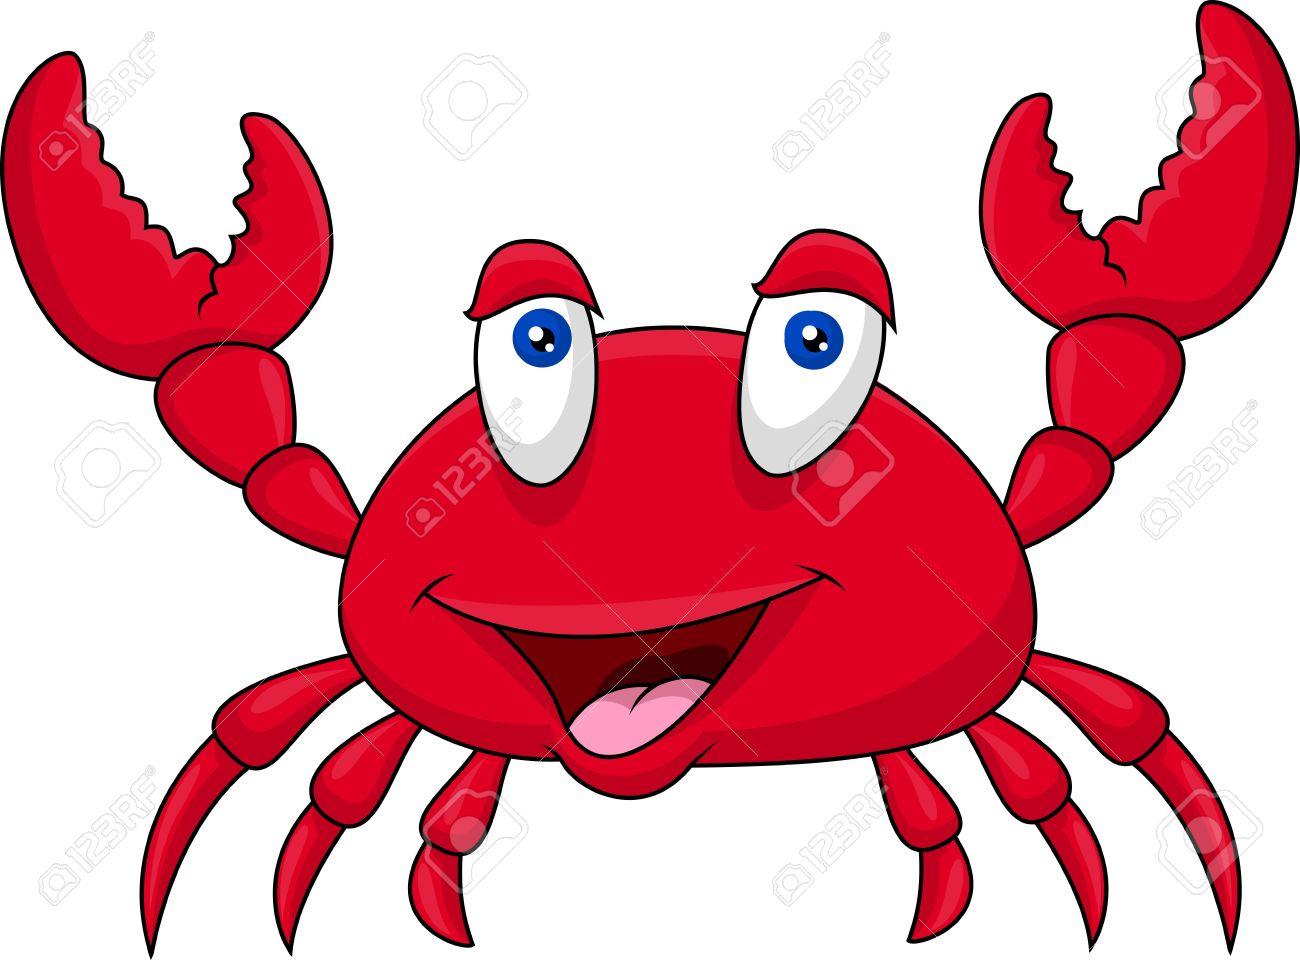 Crab walk clipart svg download Crab Cartoon Images | Free download best Crab Cartoon Images on ... svg download